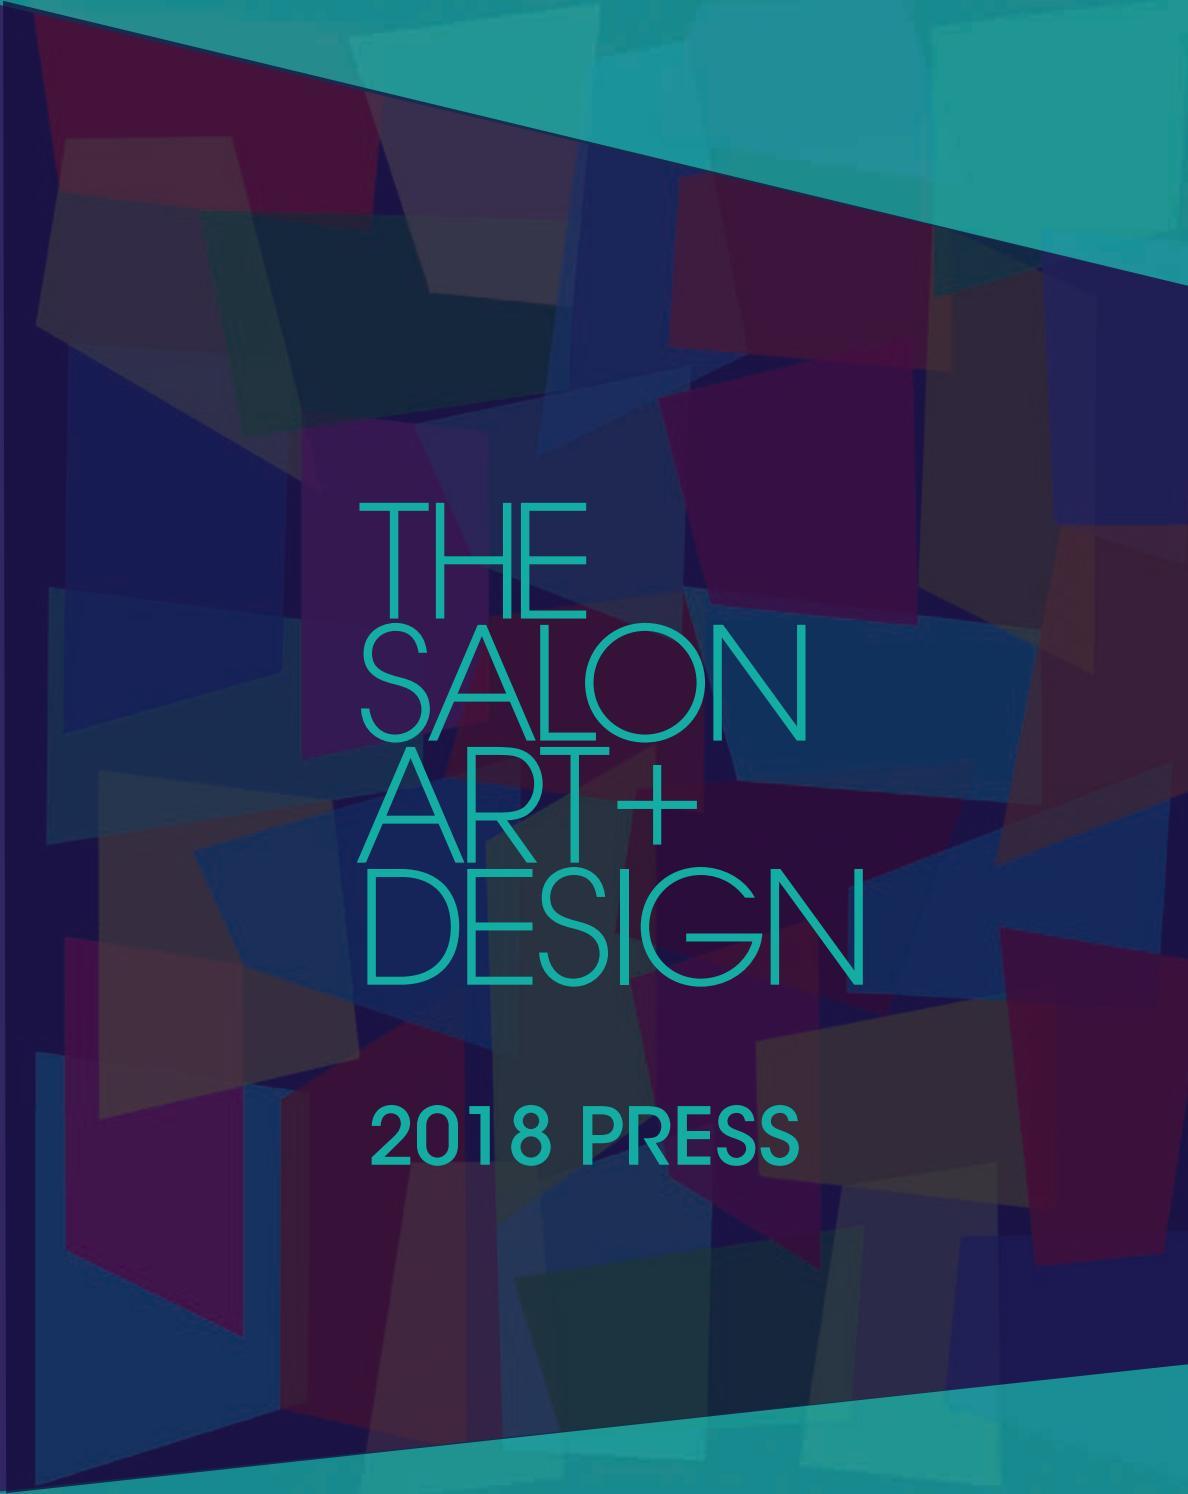 Le Papier Peint Est Il Recyclable the salon art + design 2018 presssanford l. smith +